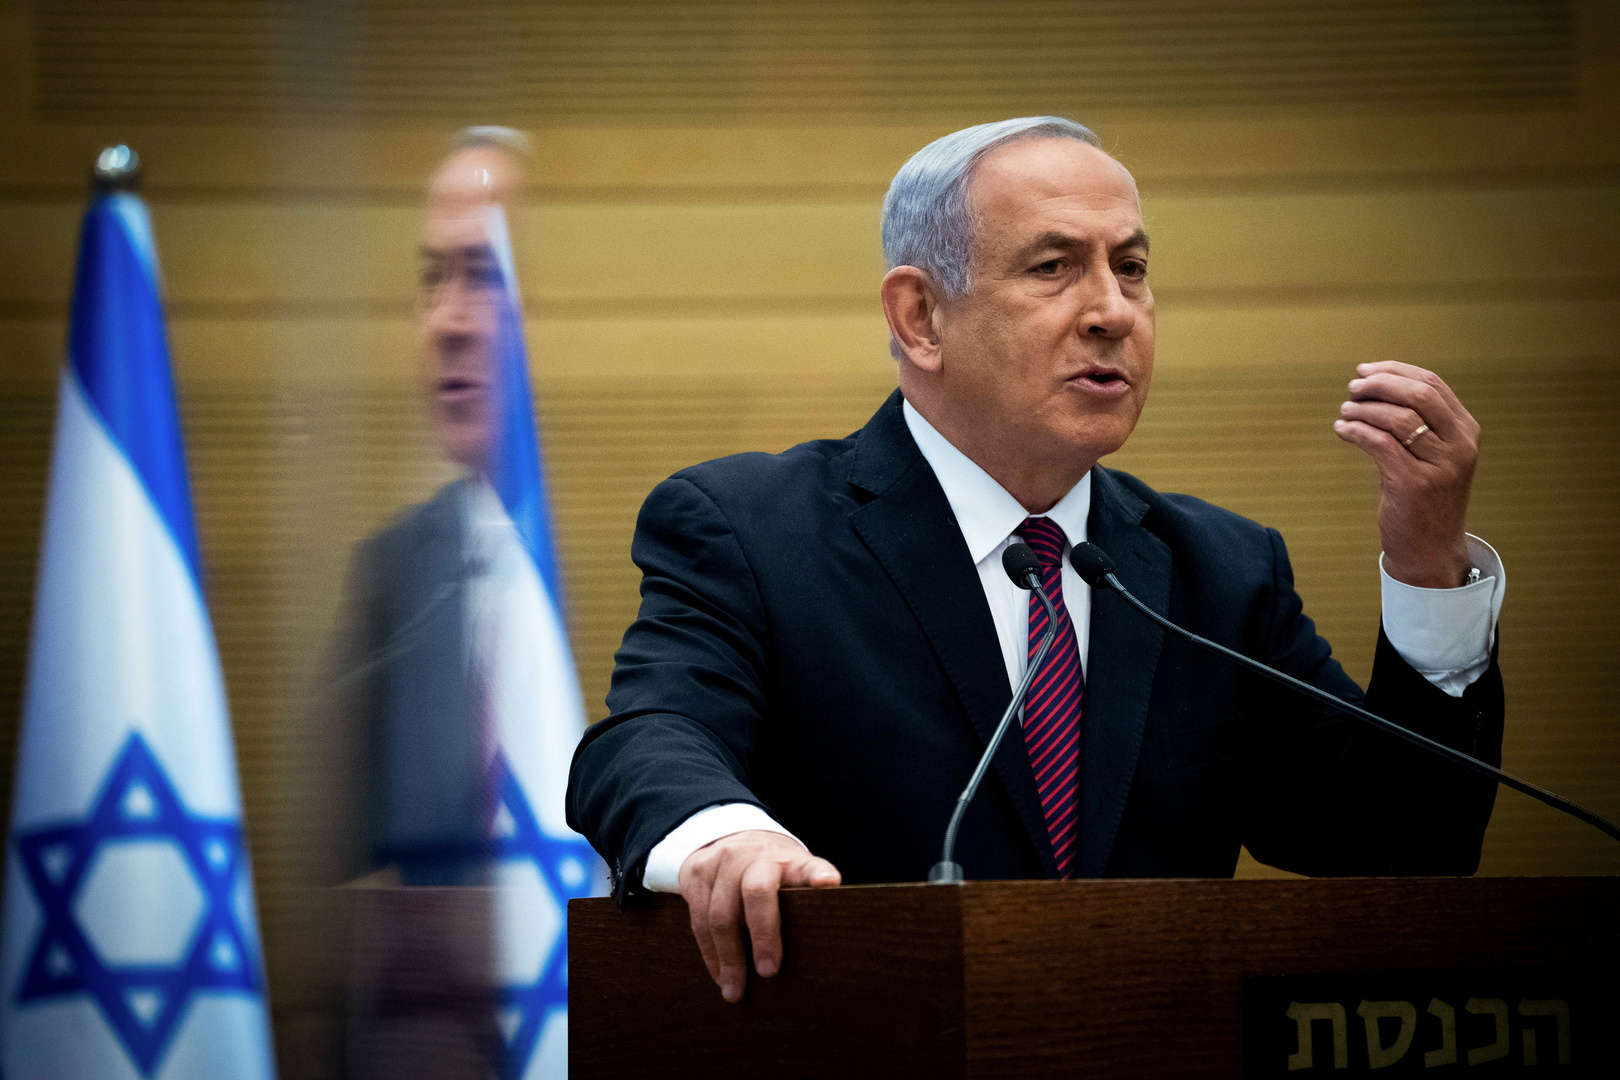 ساعر: أنا في وضع أفضل من نتنياهو لإجراء حوار فعال مع بايدن وإدارته